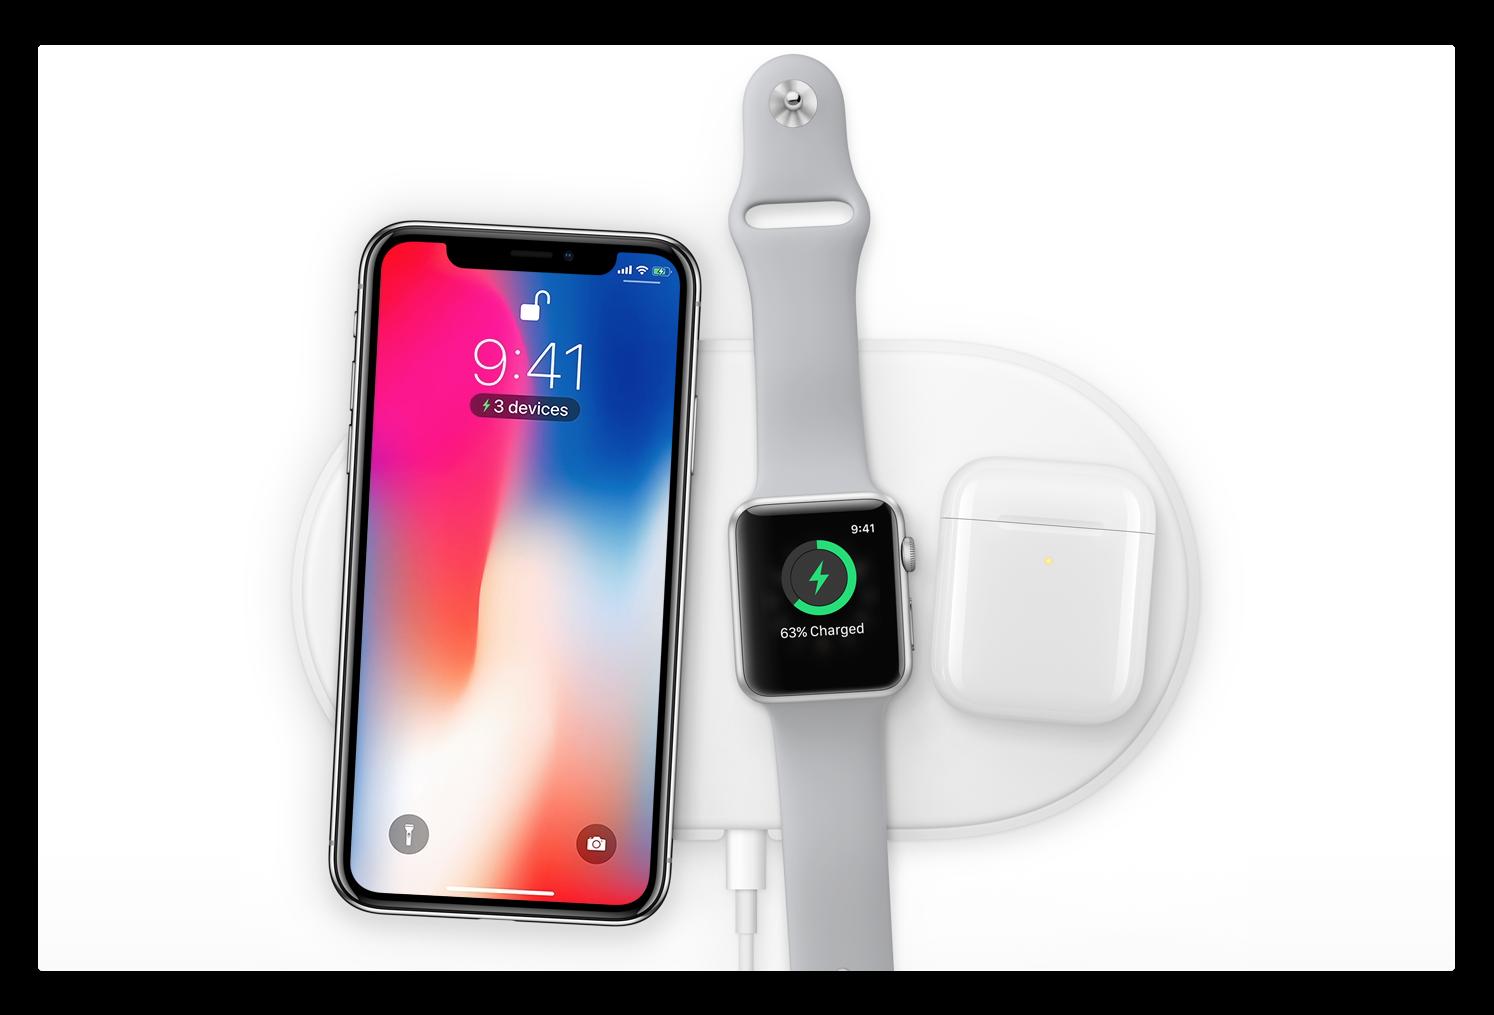 iPhone X/8でのワイヤレス充電はケーブル充電よりバッテリの消耗が早くなる